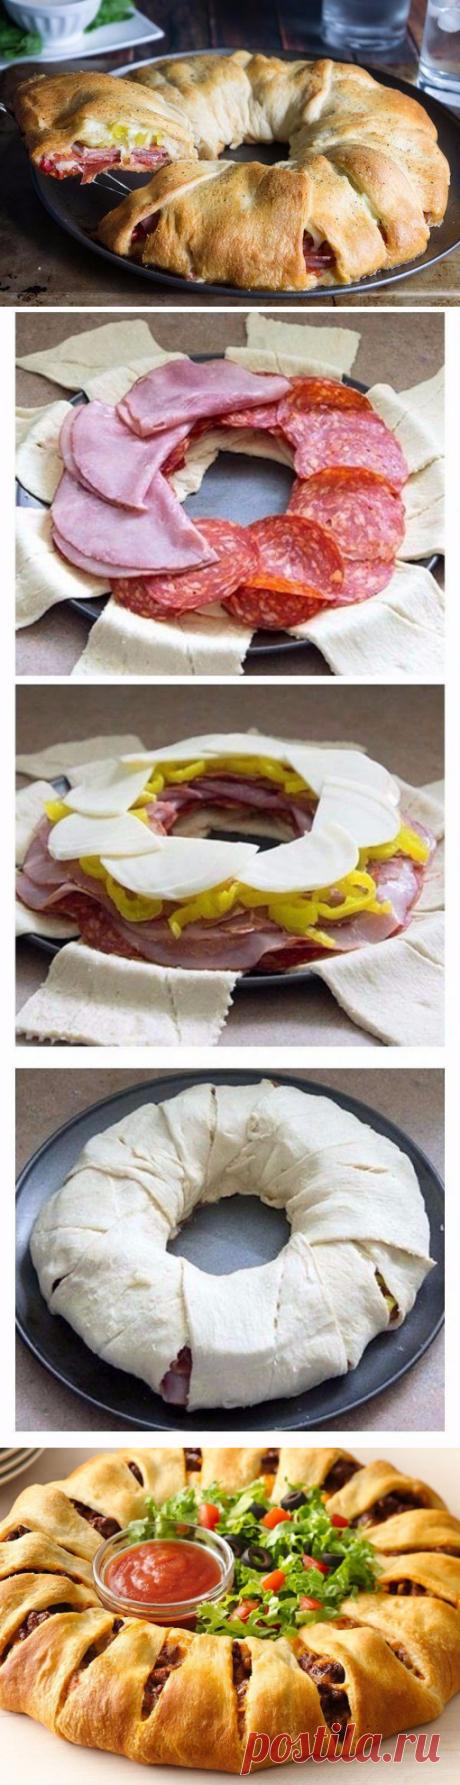 Оригинальная идея для пиццы